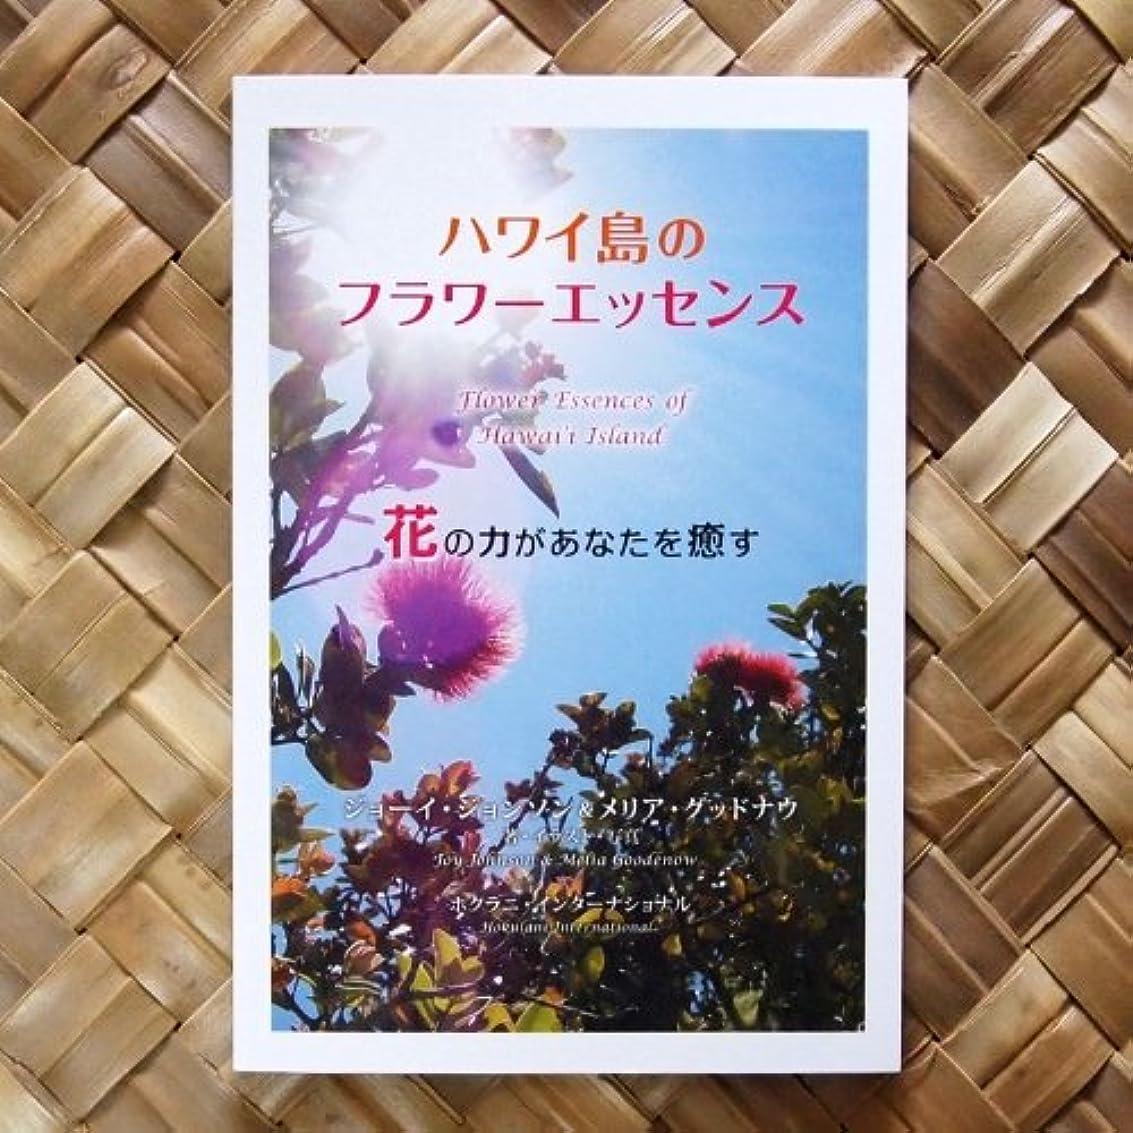 ルネッサンスにおい欠伸ハワイ島のフラワーエッセンス 花の力があなたを癒す